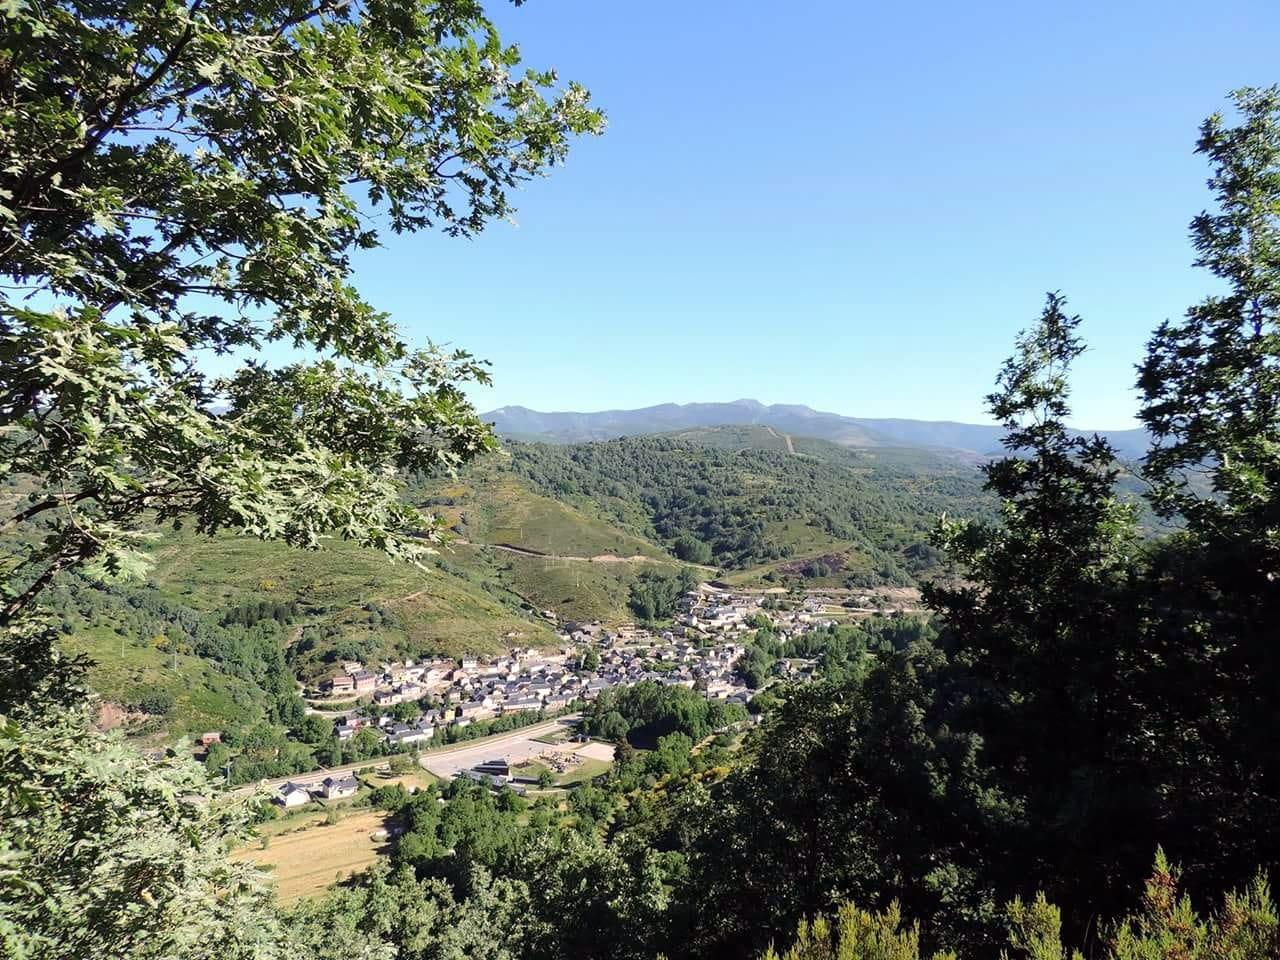 Campamento de Verano multiaventura en Castilla León Bierzo España Pobladura de las Regueras Grupo Joven bonito pueblo encanto